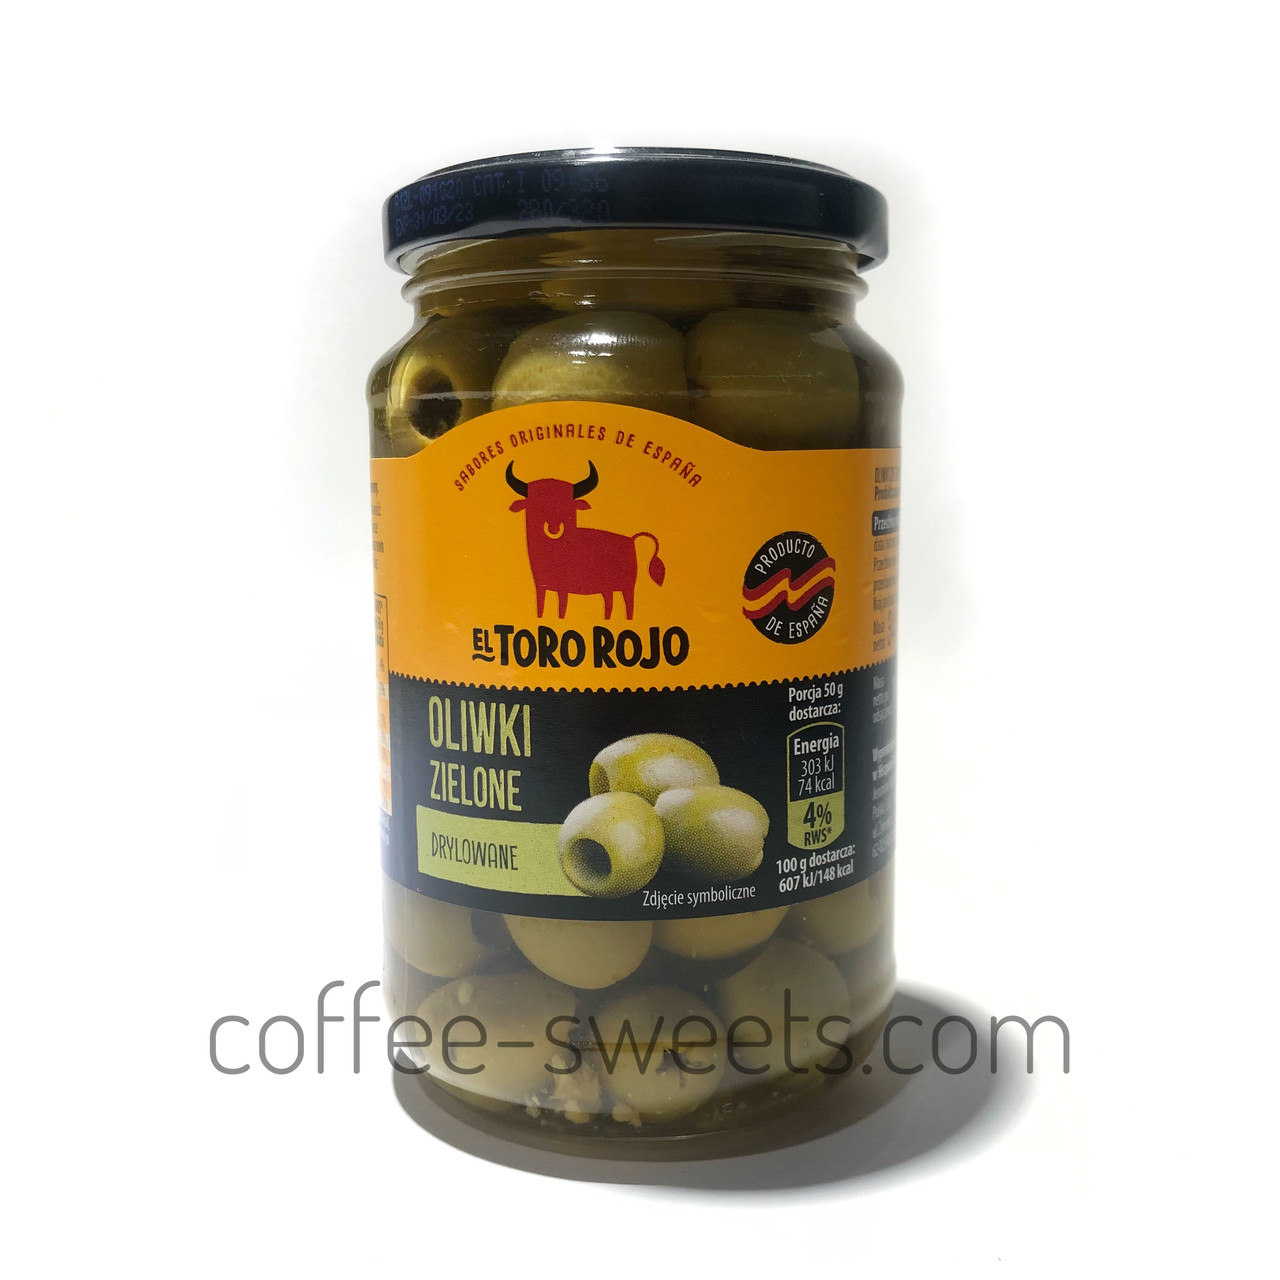 Оливки El Toro Rojo зеленые без косточки Oliwki Zielone Drylowane 340 г